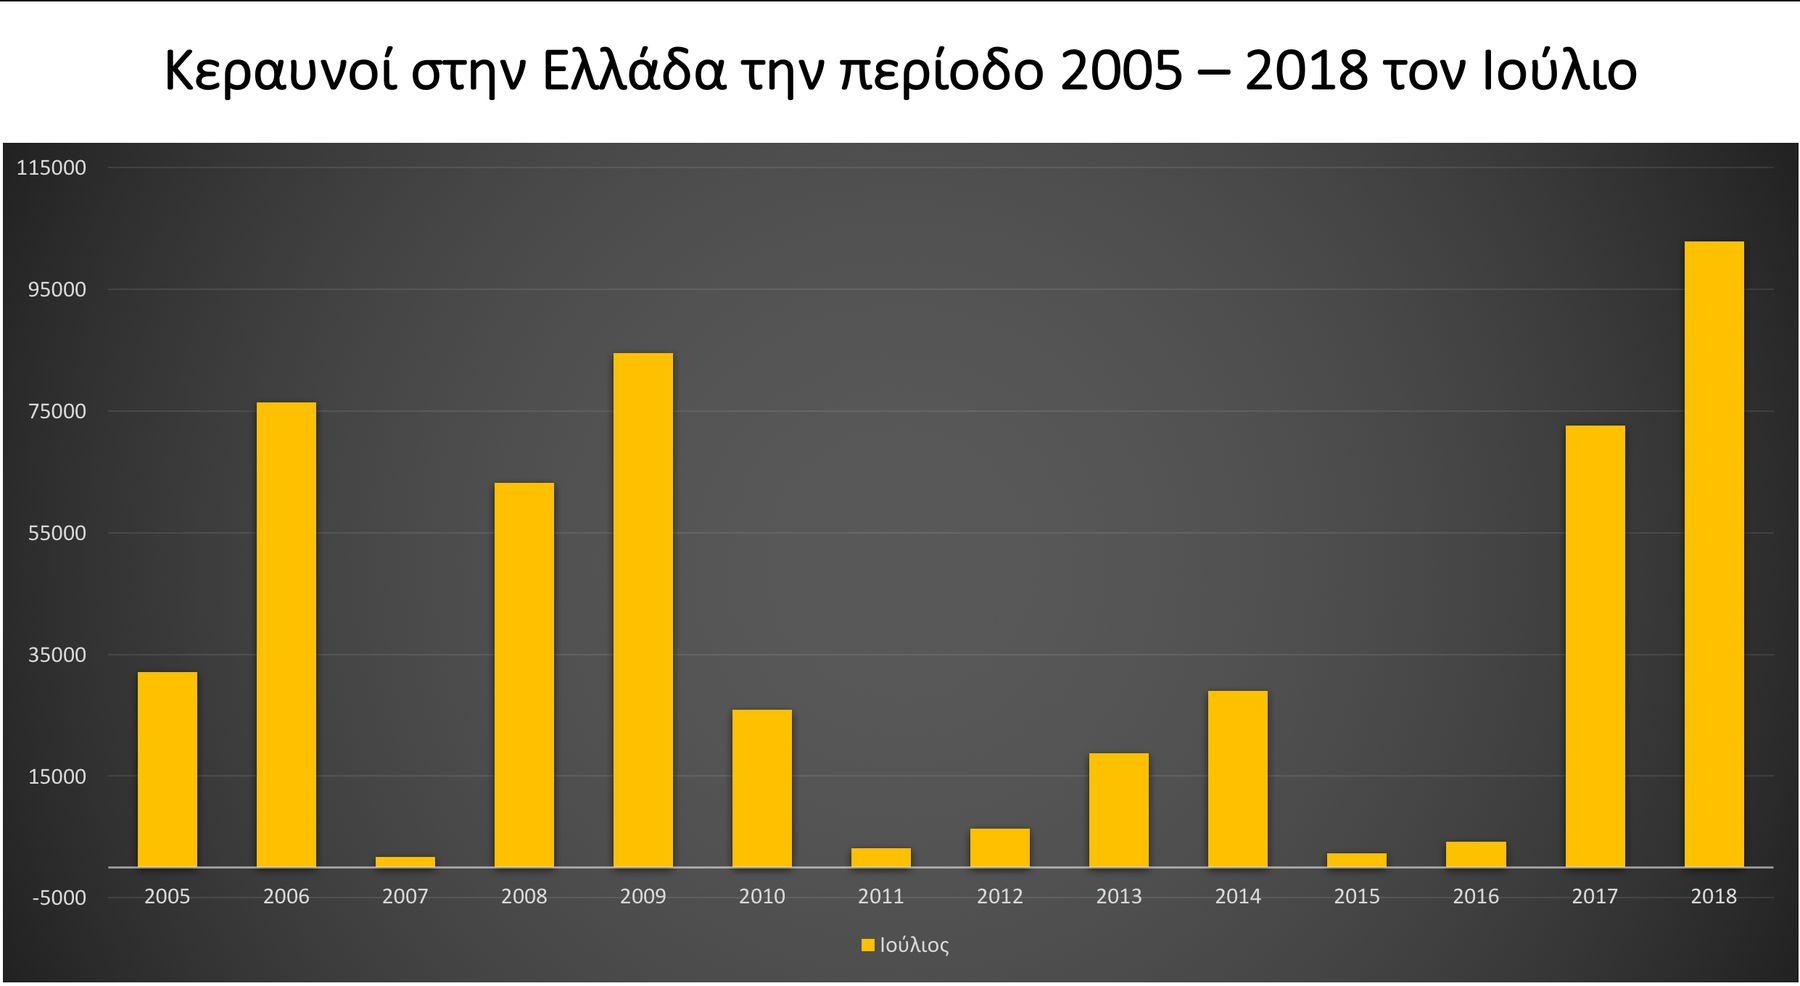 ΚεραυνοίστηνΕλλάδα2005 2018ΠηγήmeteoΕΑΑ